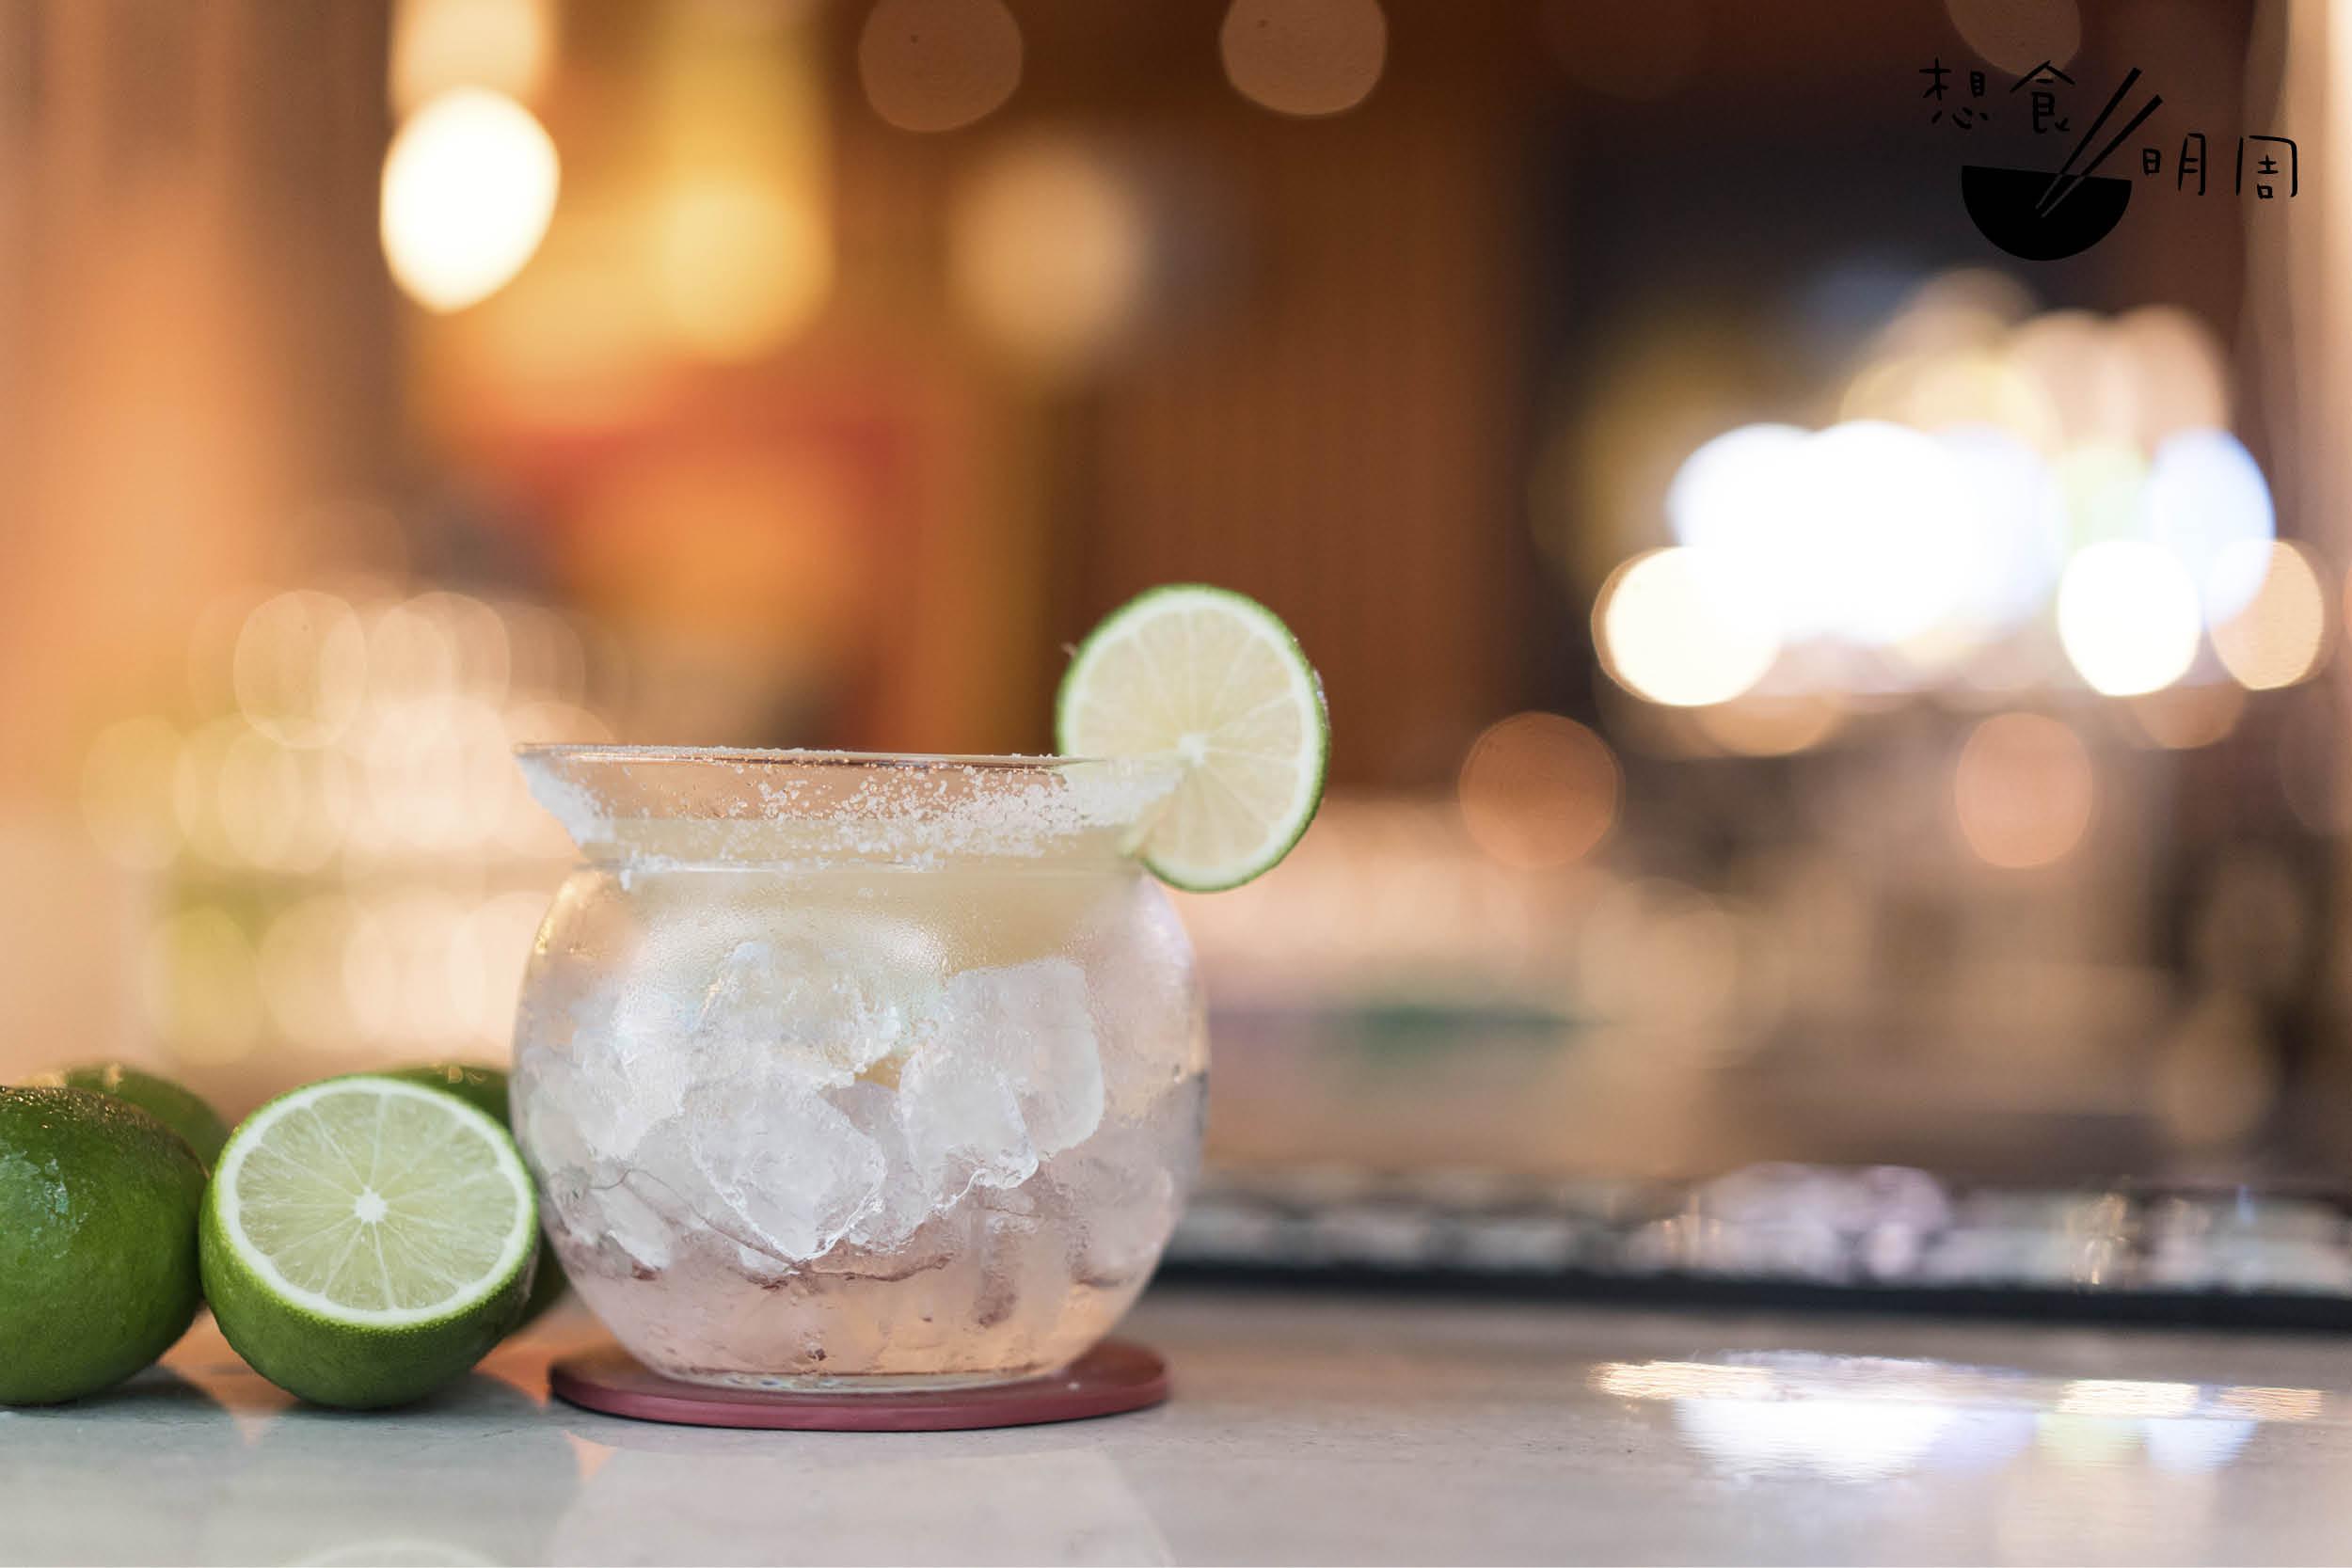 Carlos Slim // 冰釀奉上,攤長多sip幾口都依然涼快,加上青檸汁的酸香,是非常refreshing的一杯。